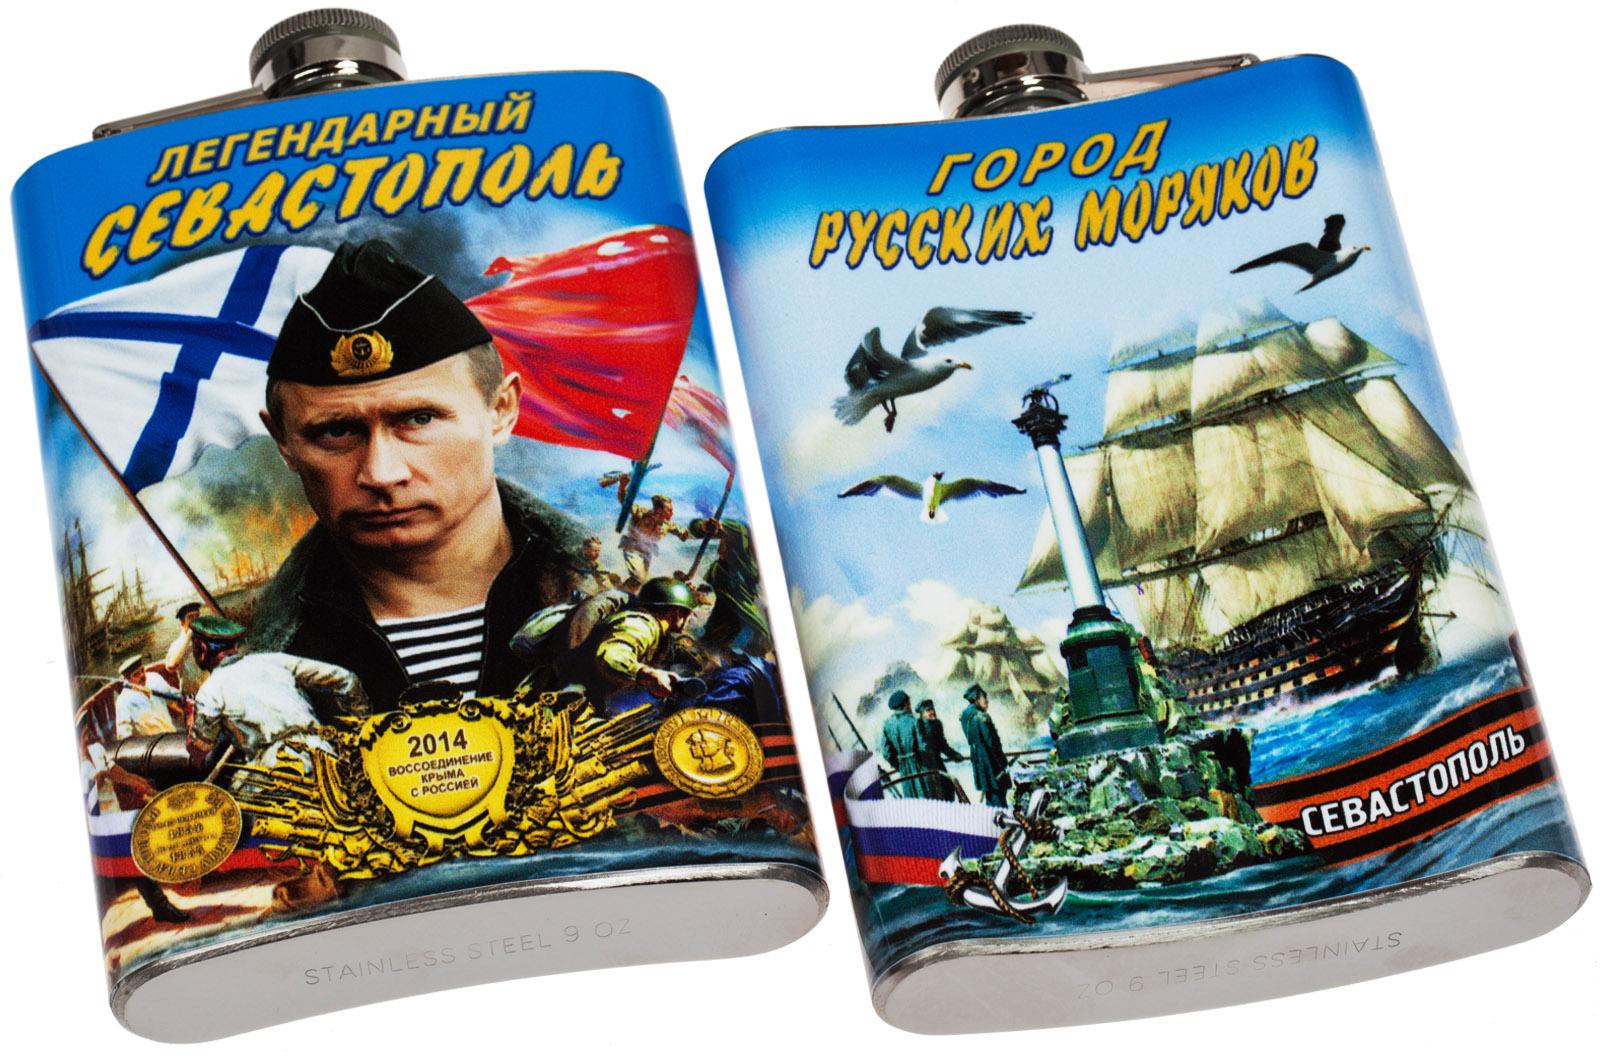 """Фляга """"Легендарный Севастополь"""" - купить с доставкой и самовывозом"""